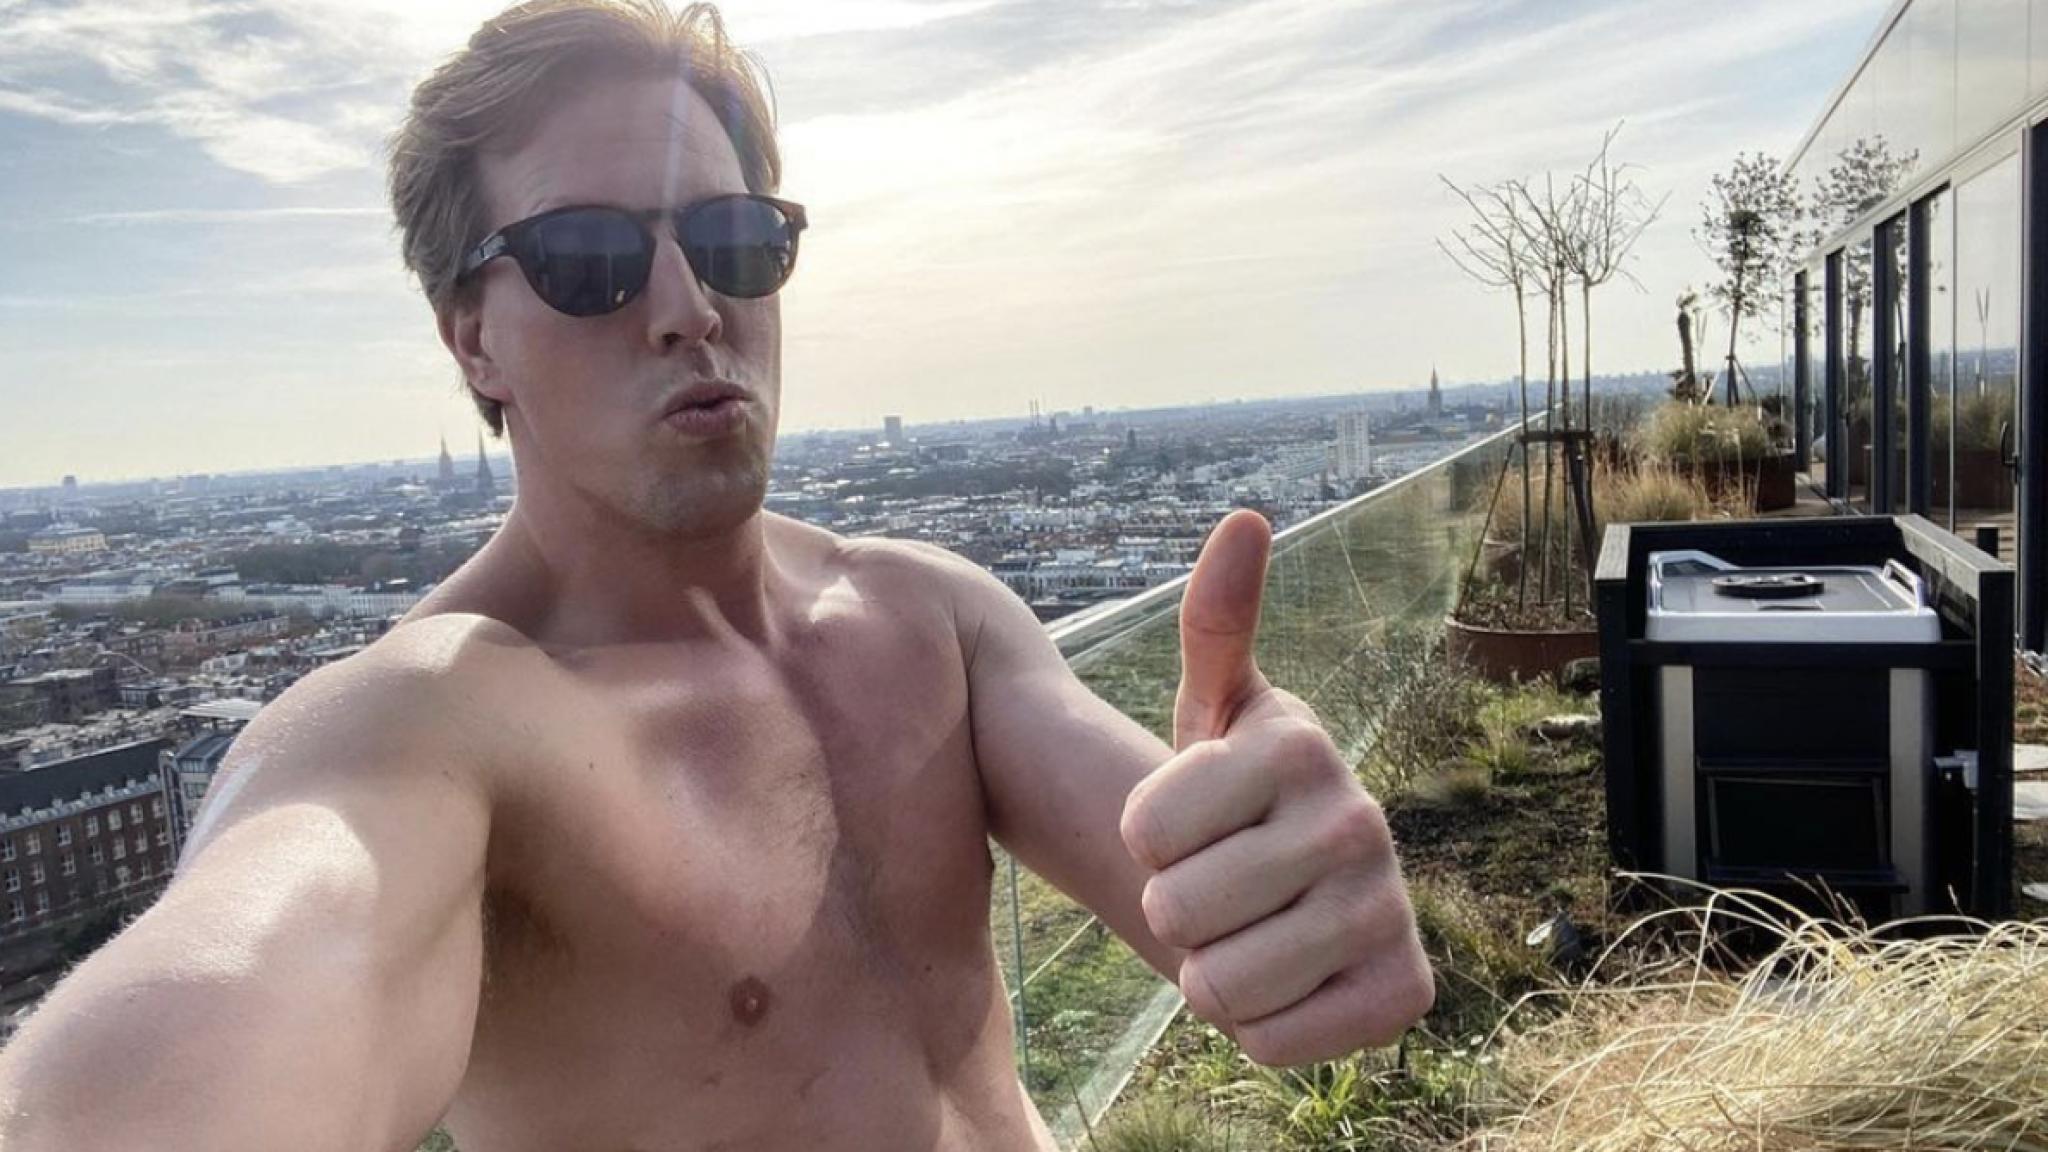 BN'ers duiken massaal de zonnige achtertuin in: 'Genieten!' - RTL Boulevard